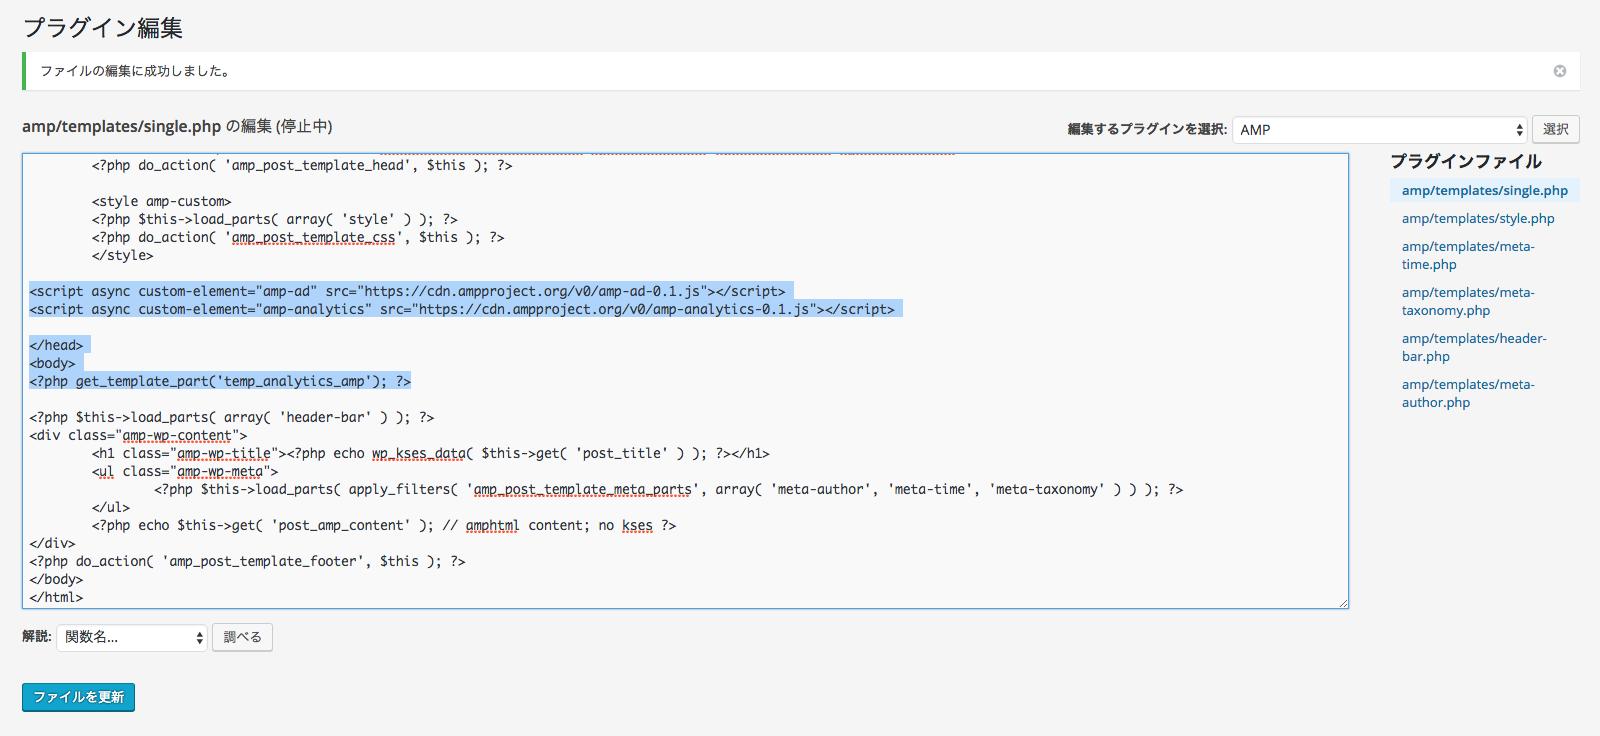 WordPressのAMP公式プラグインでGoogleアナリティクスのコードの設置方法